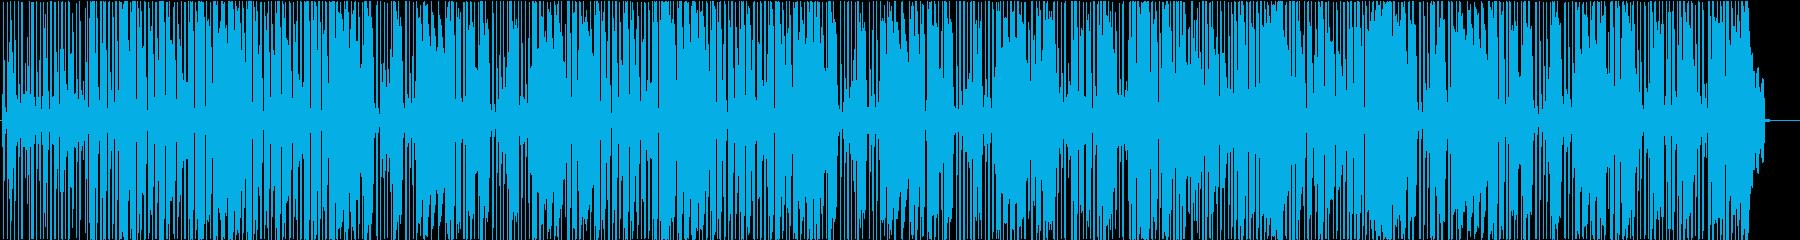 口笛 × ウクレレ × レゲエの再生済みの波形